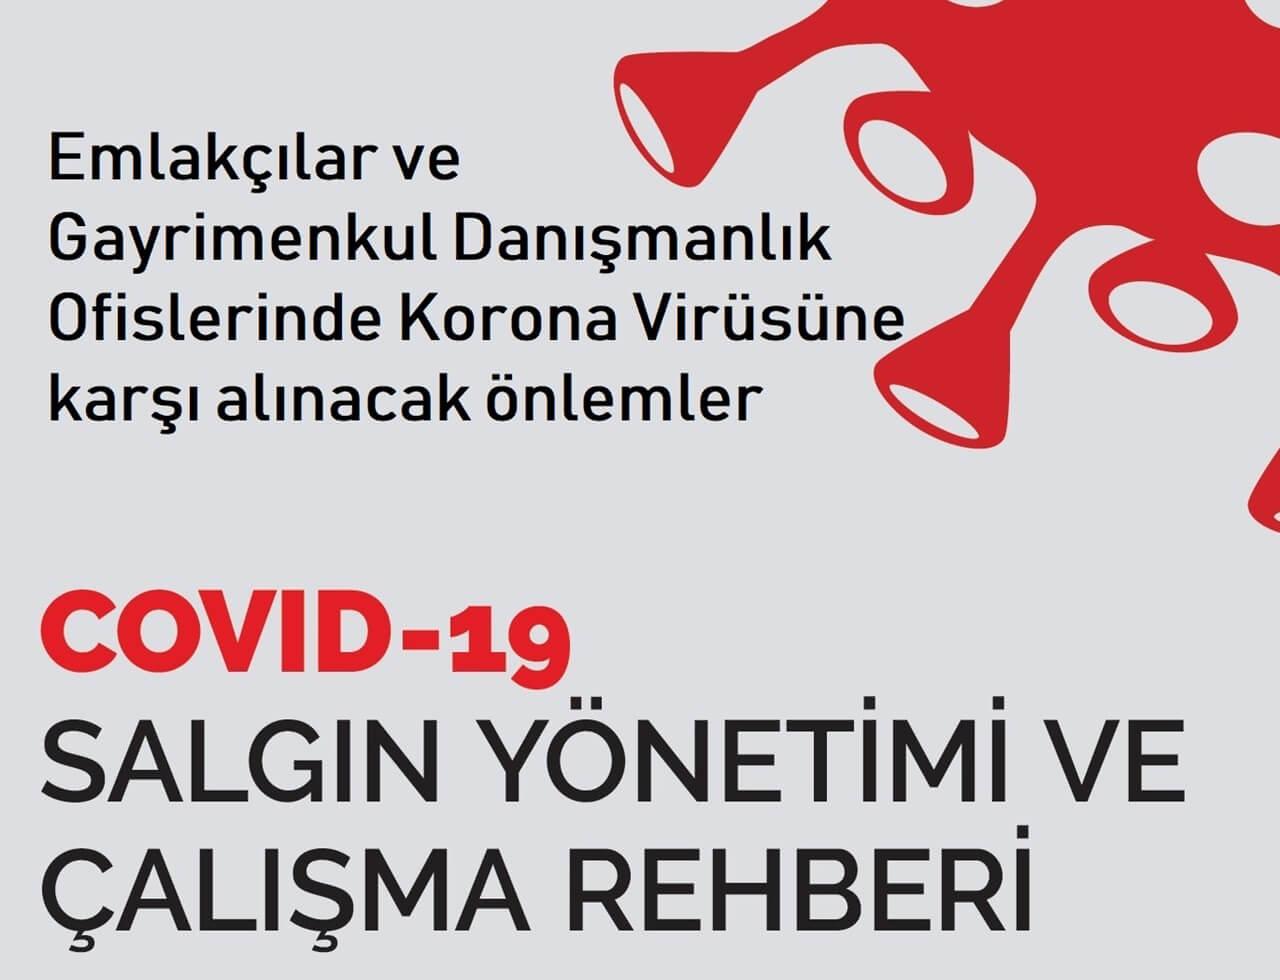 Emlakçılar ve Ofislerinde Korona Virüsüne karşı alınacak önlemler